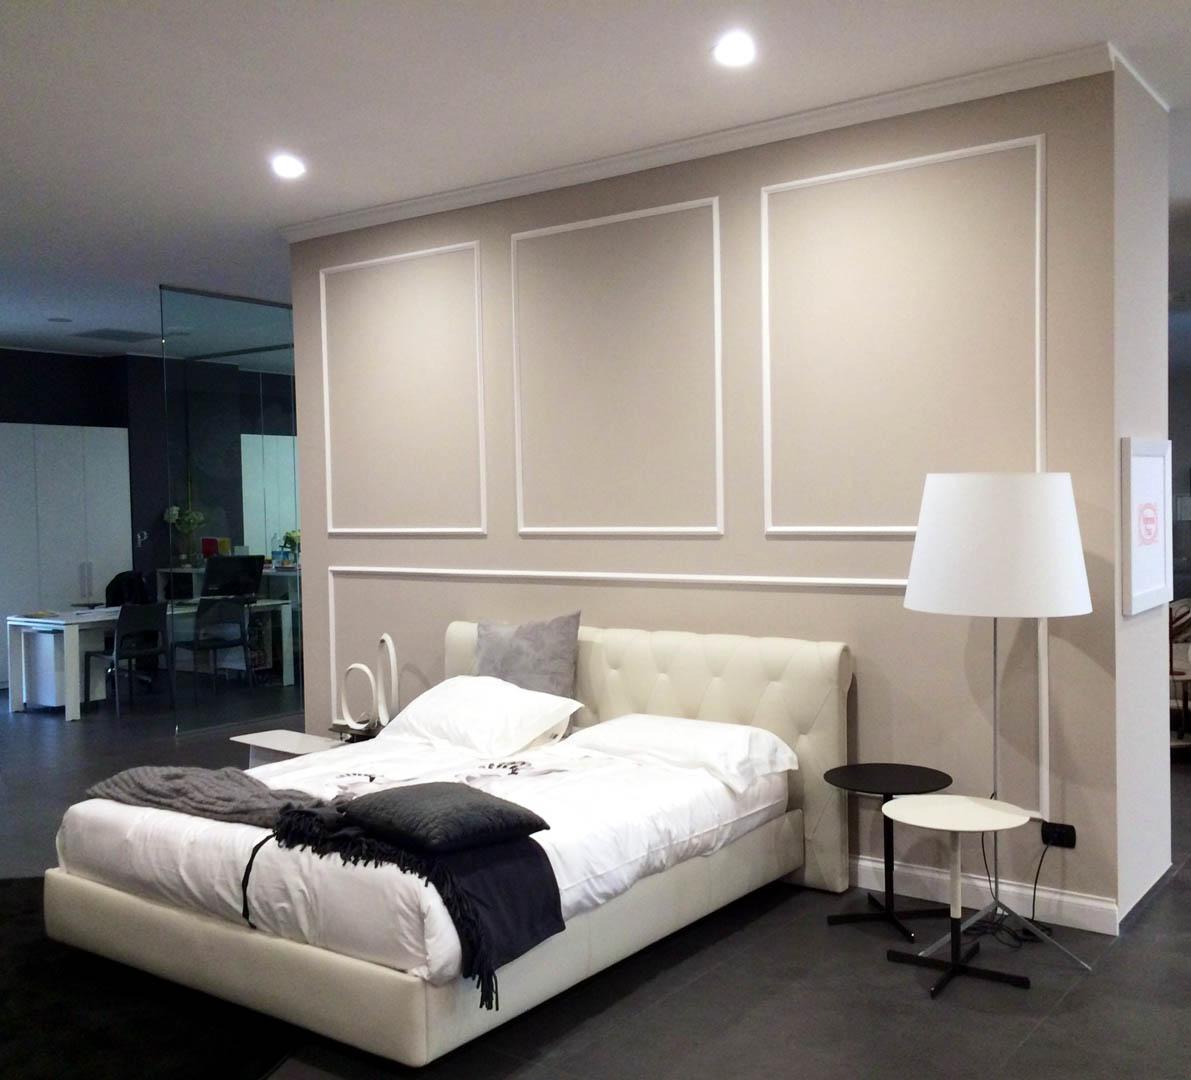 Atelier casabella - Boiserie camera da letto ...